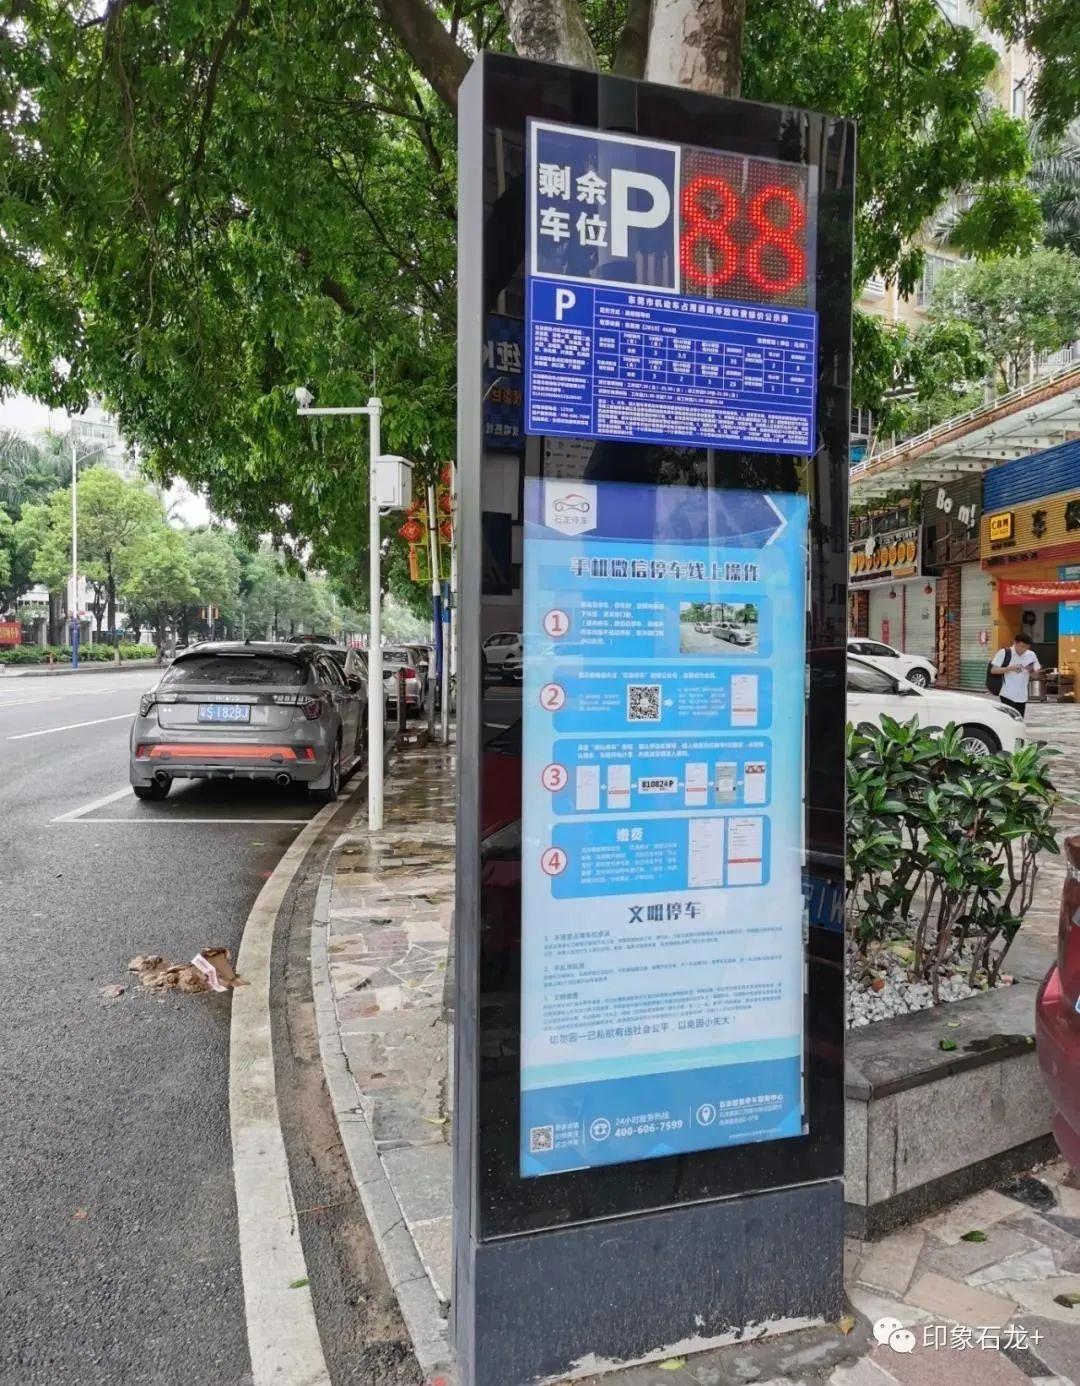 定了!东莞这个地方6月1日开始停车收费!价格是…插图30